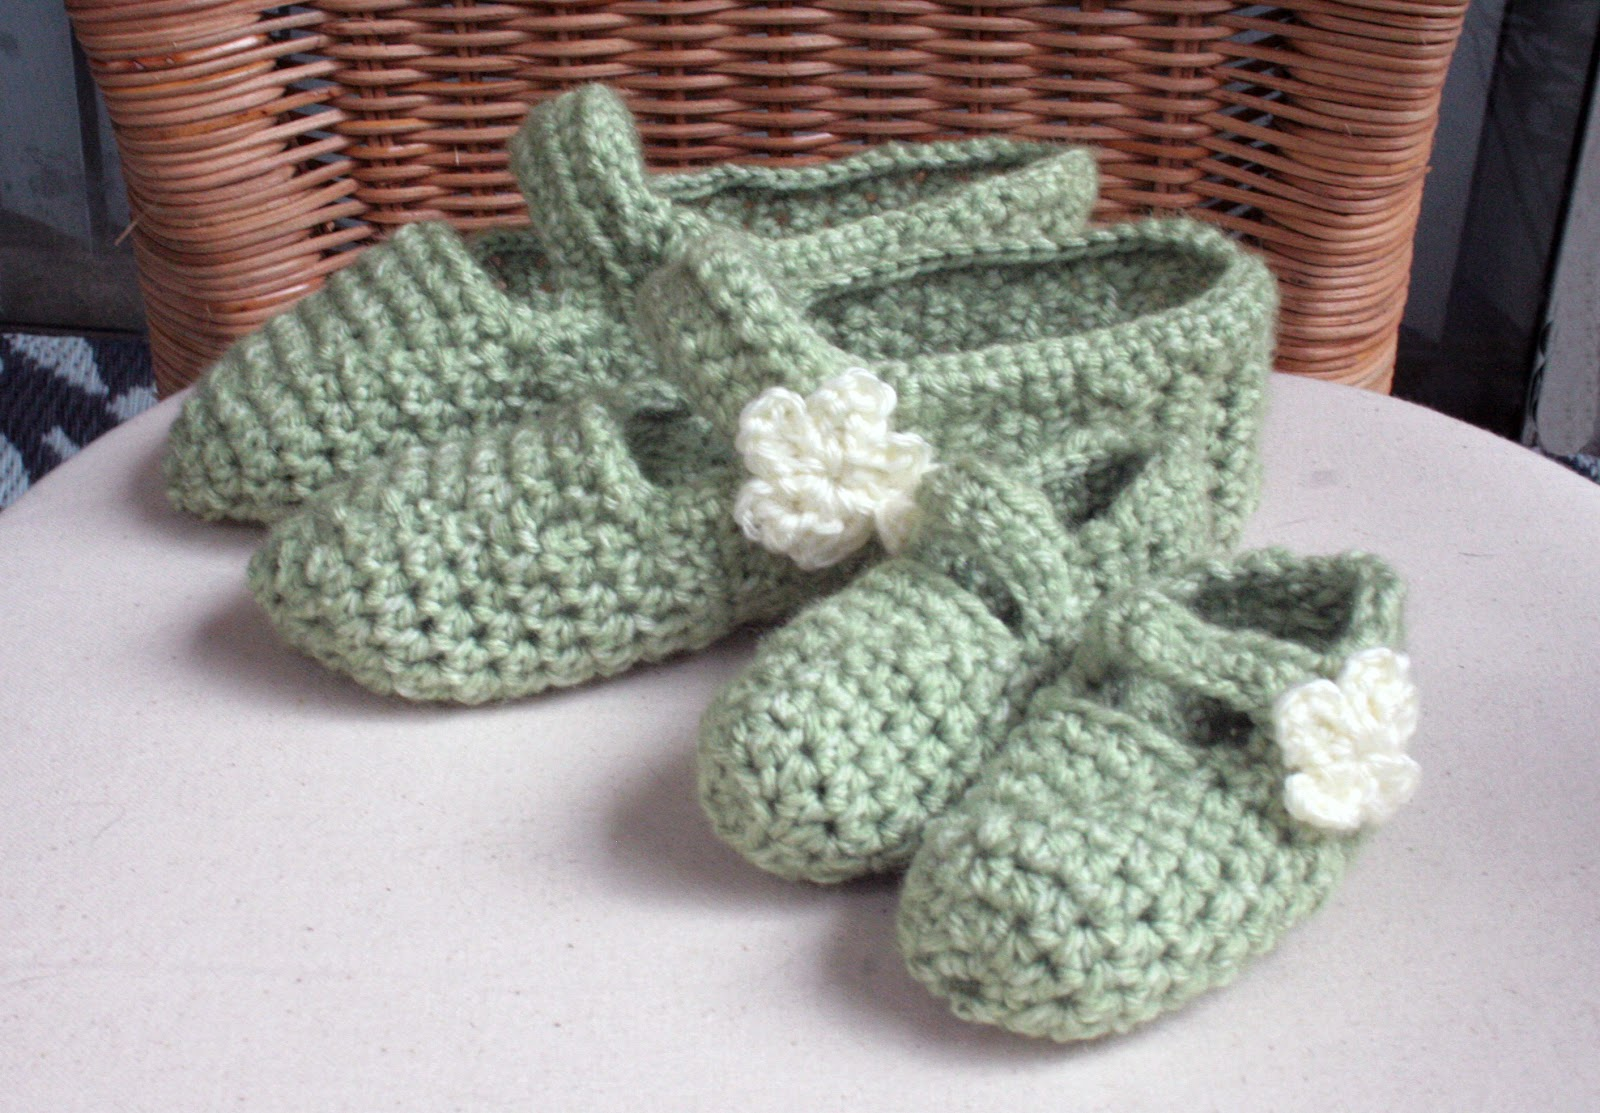 Tampa Bay Crochet: Free Crochet Pattern: Crochet Mary Jane Slippers